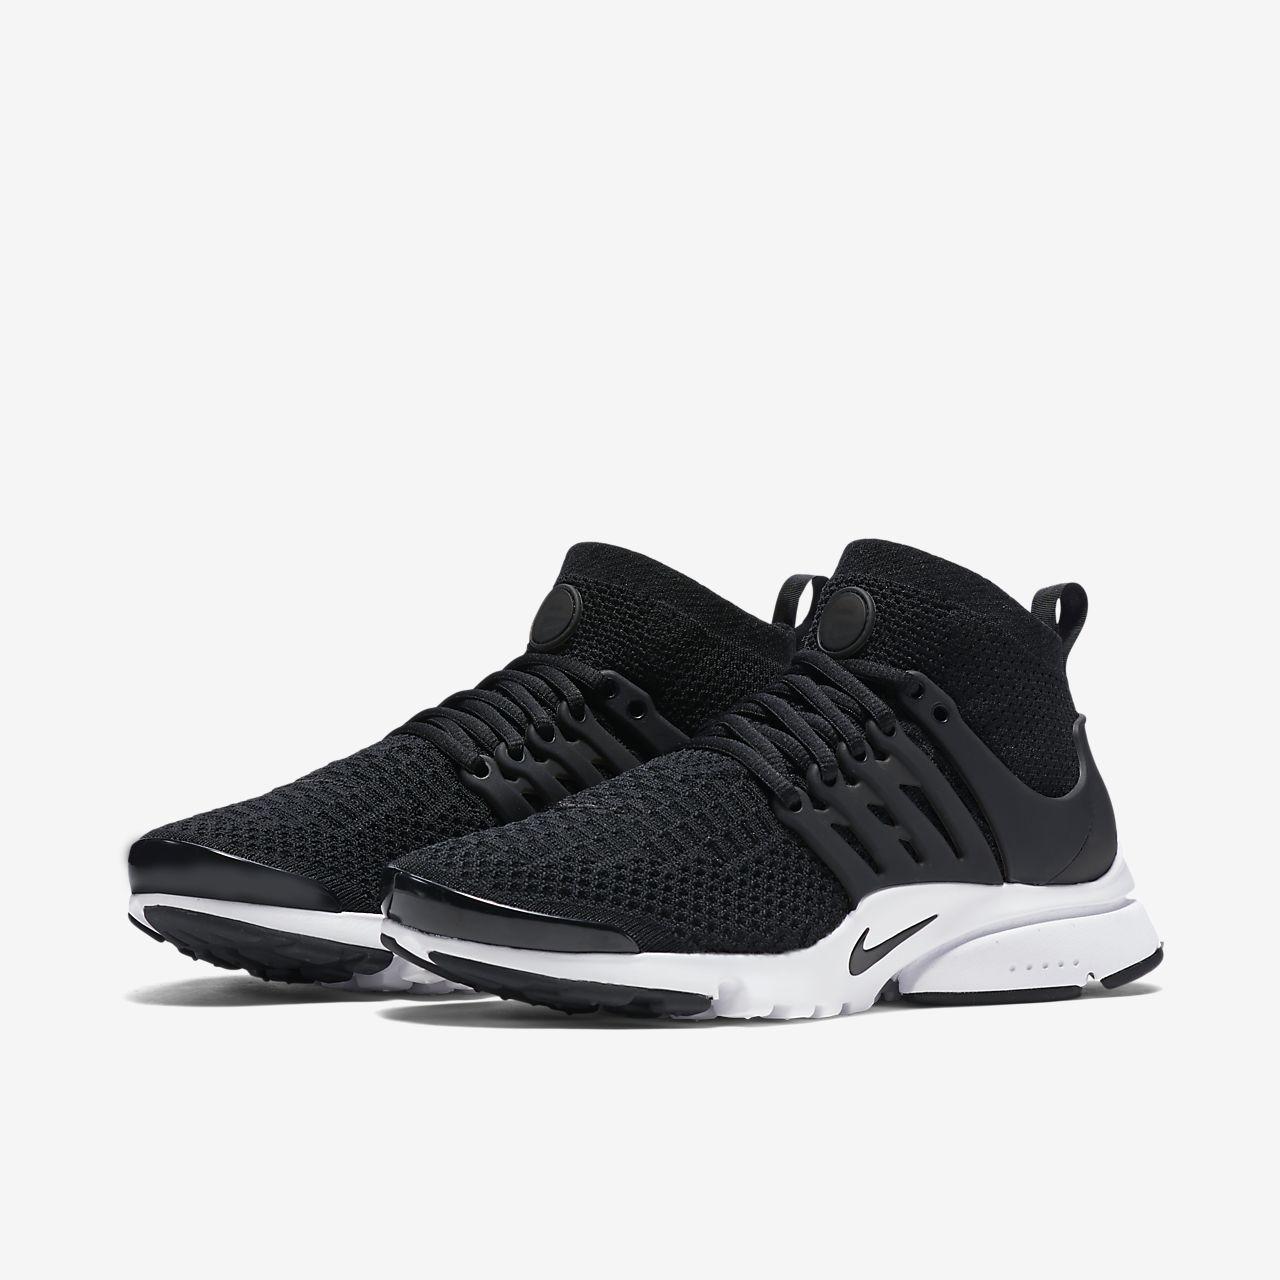 ... Nike Air Presto Ultra Flyknit Women's Shoe